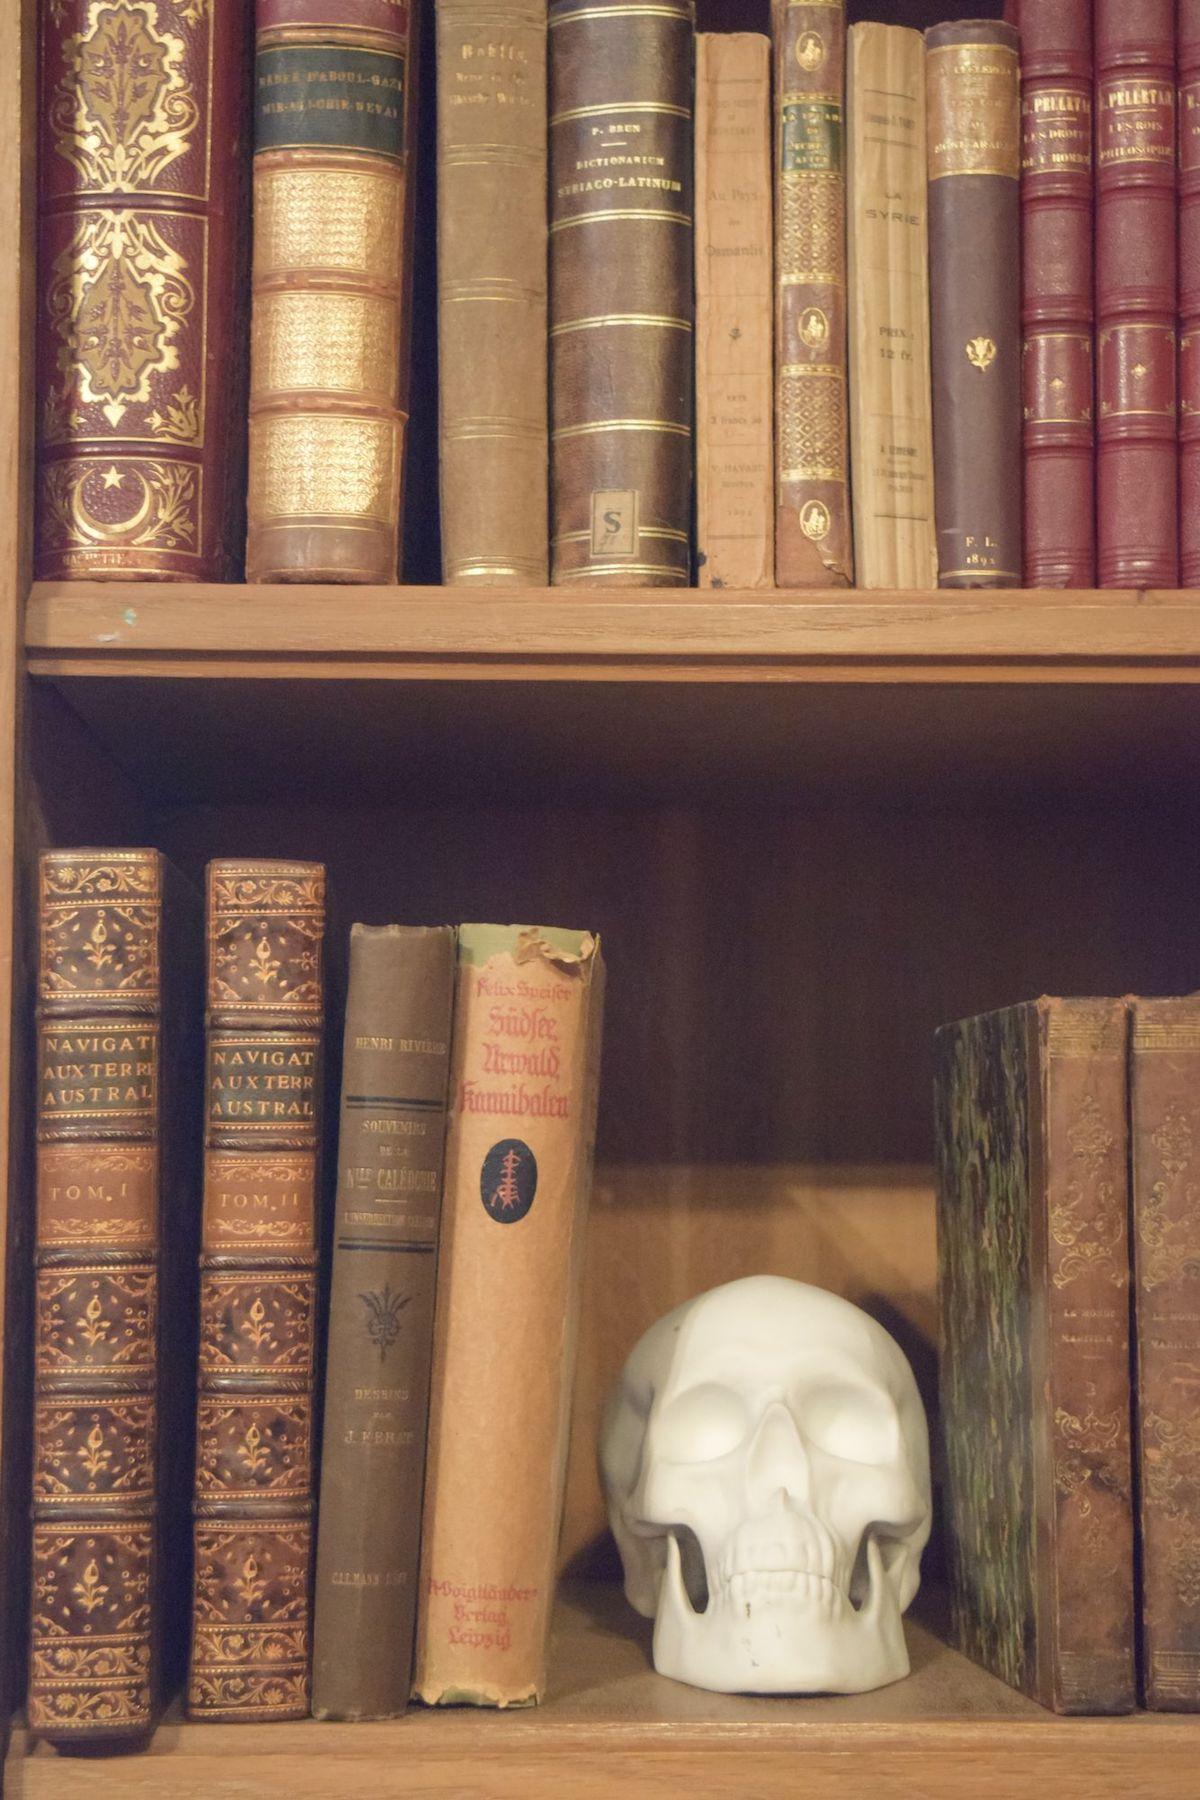 Librairie Alain Brieux, Paris